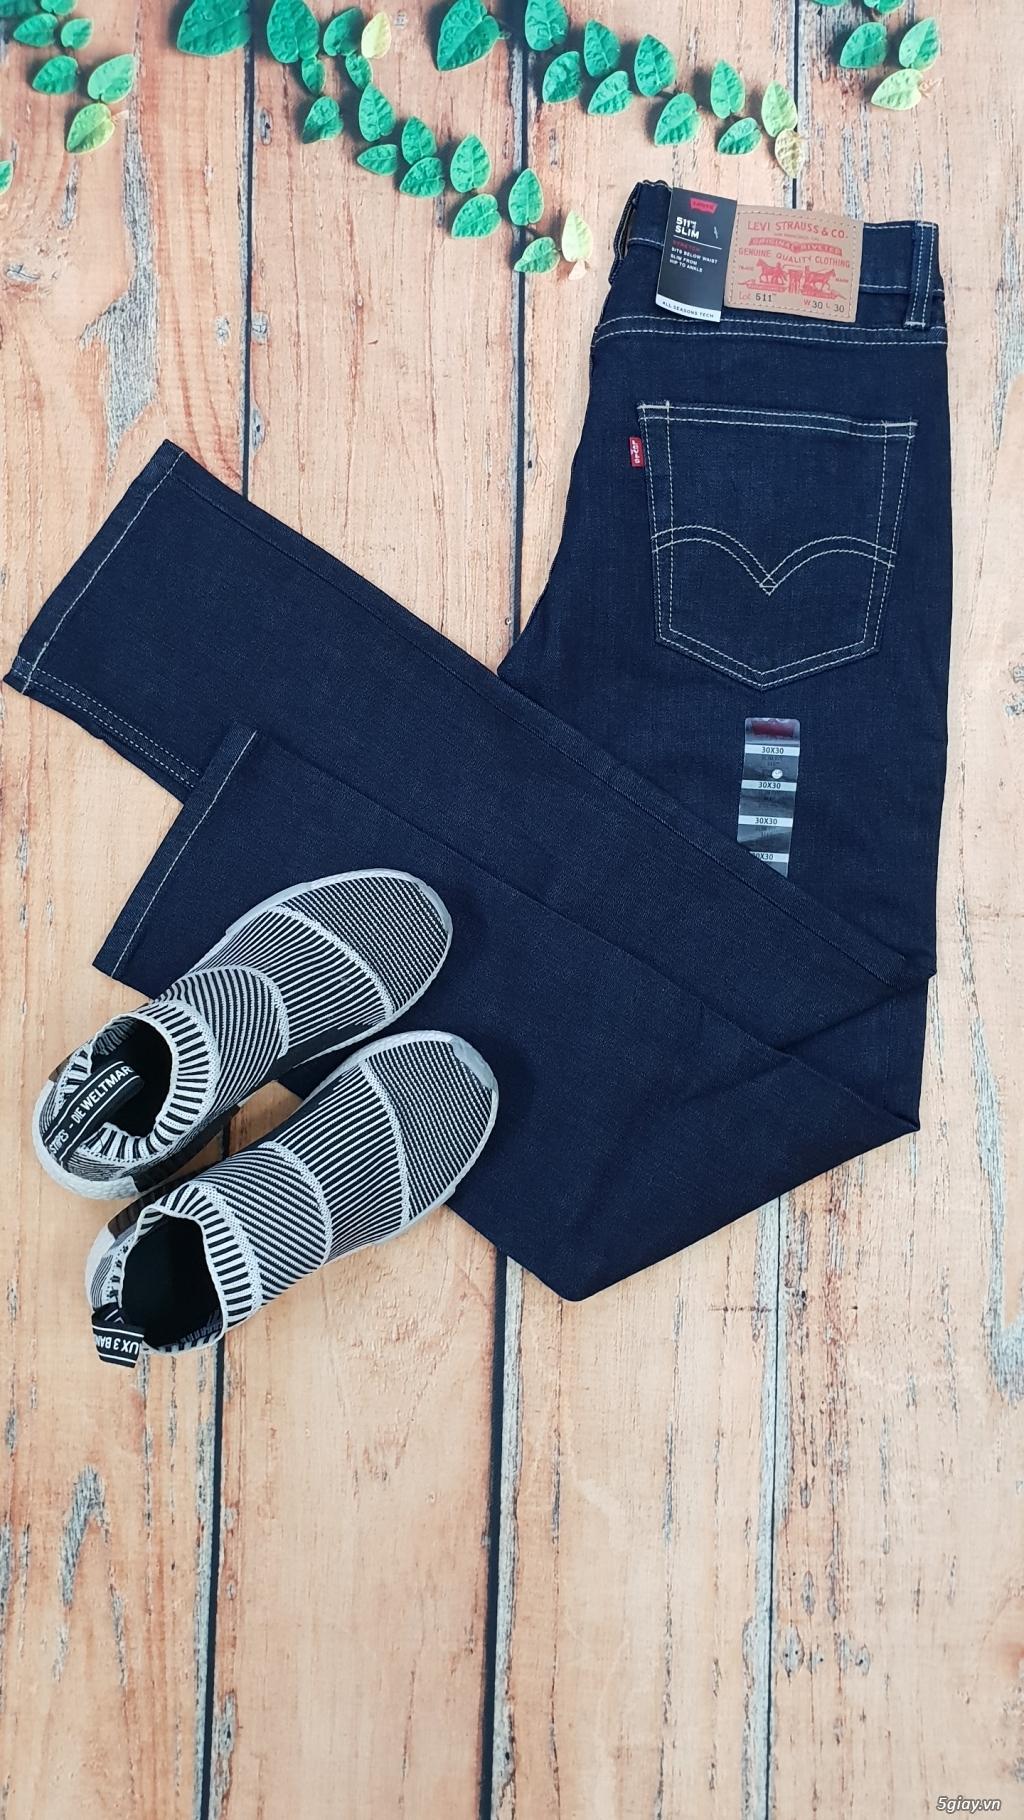 Chuyên bán quần jeans Nam Levi's 511 dáng xuông đủ màu đủ size - 3